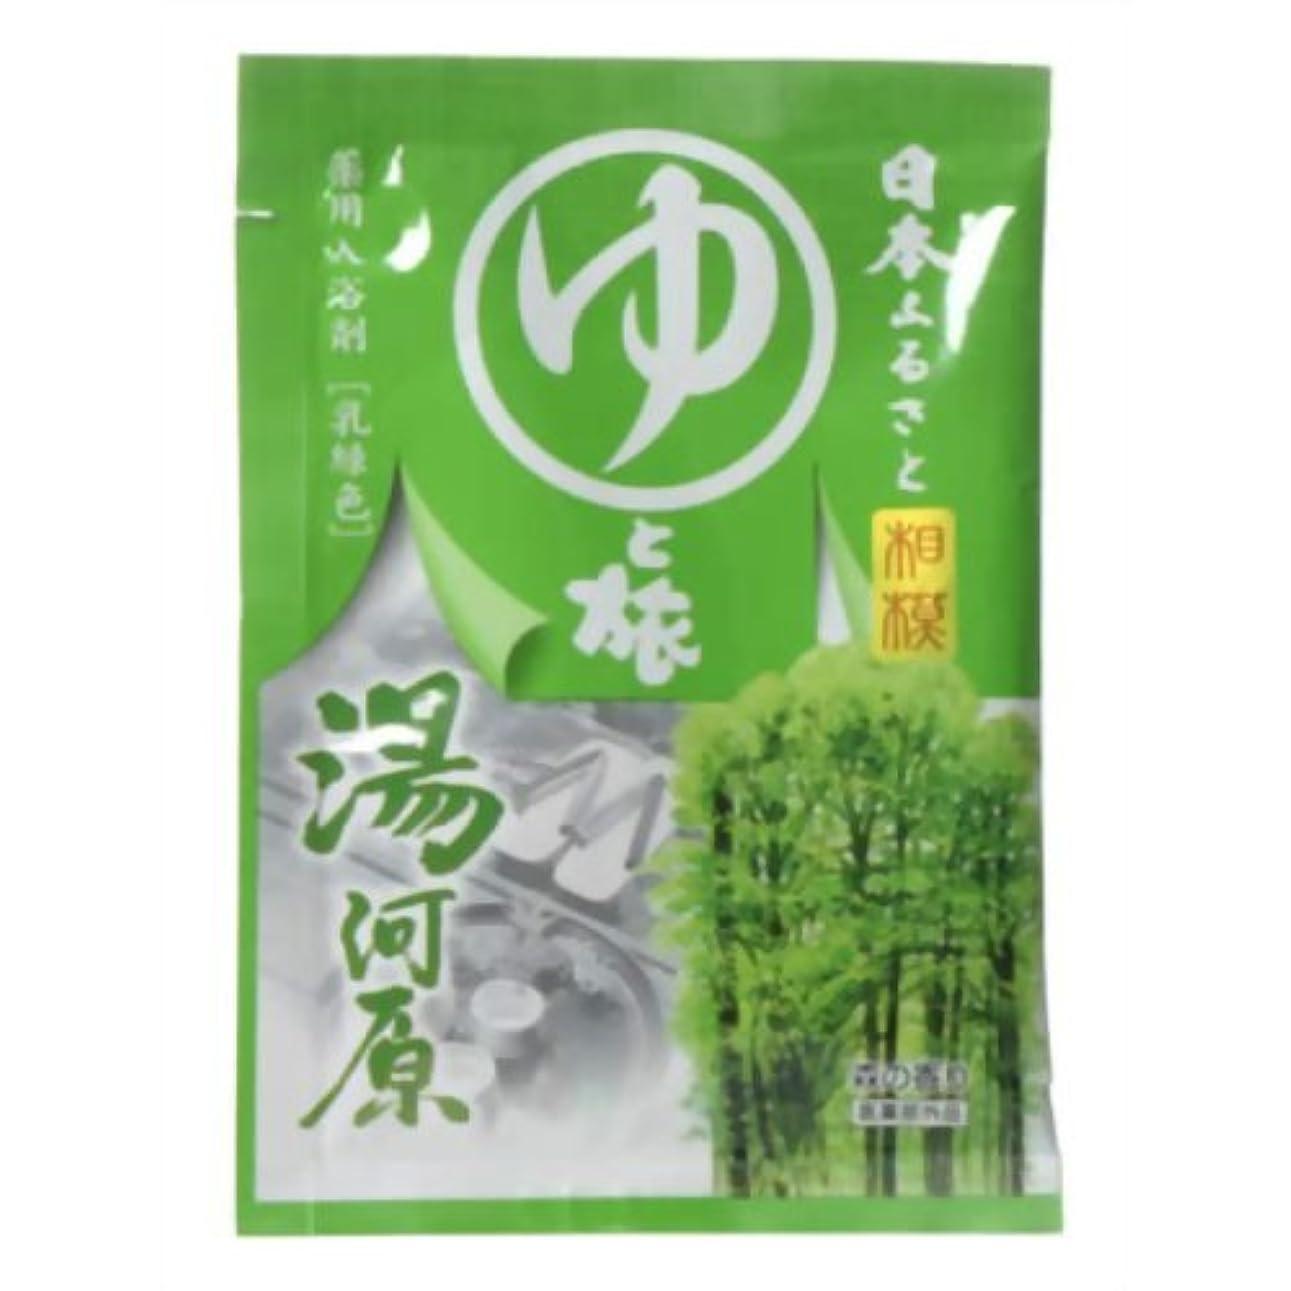 情緒的先障害者ヤマサキの入浴剤シリーズ 湯河原(入浴剤)